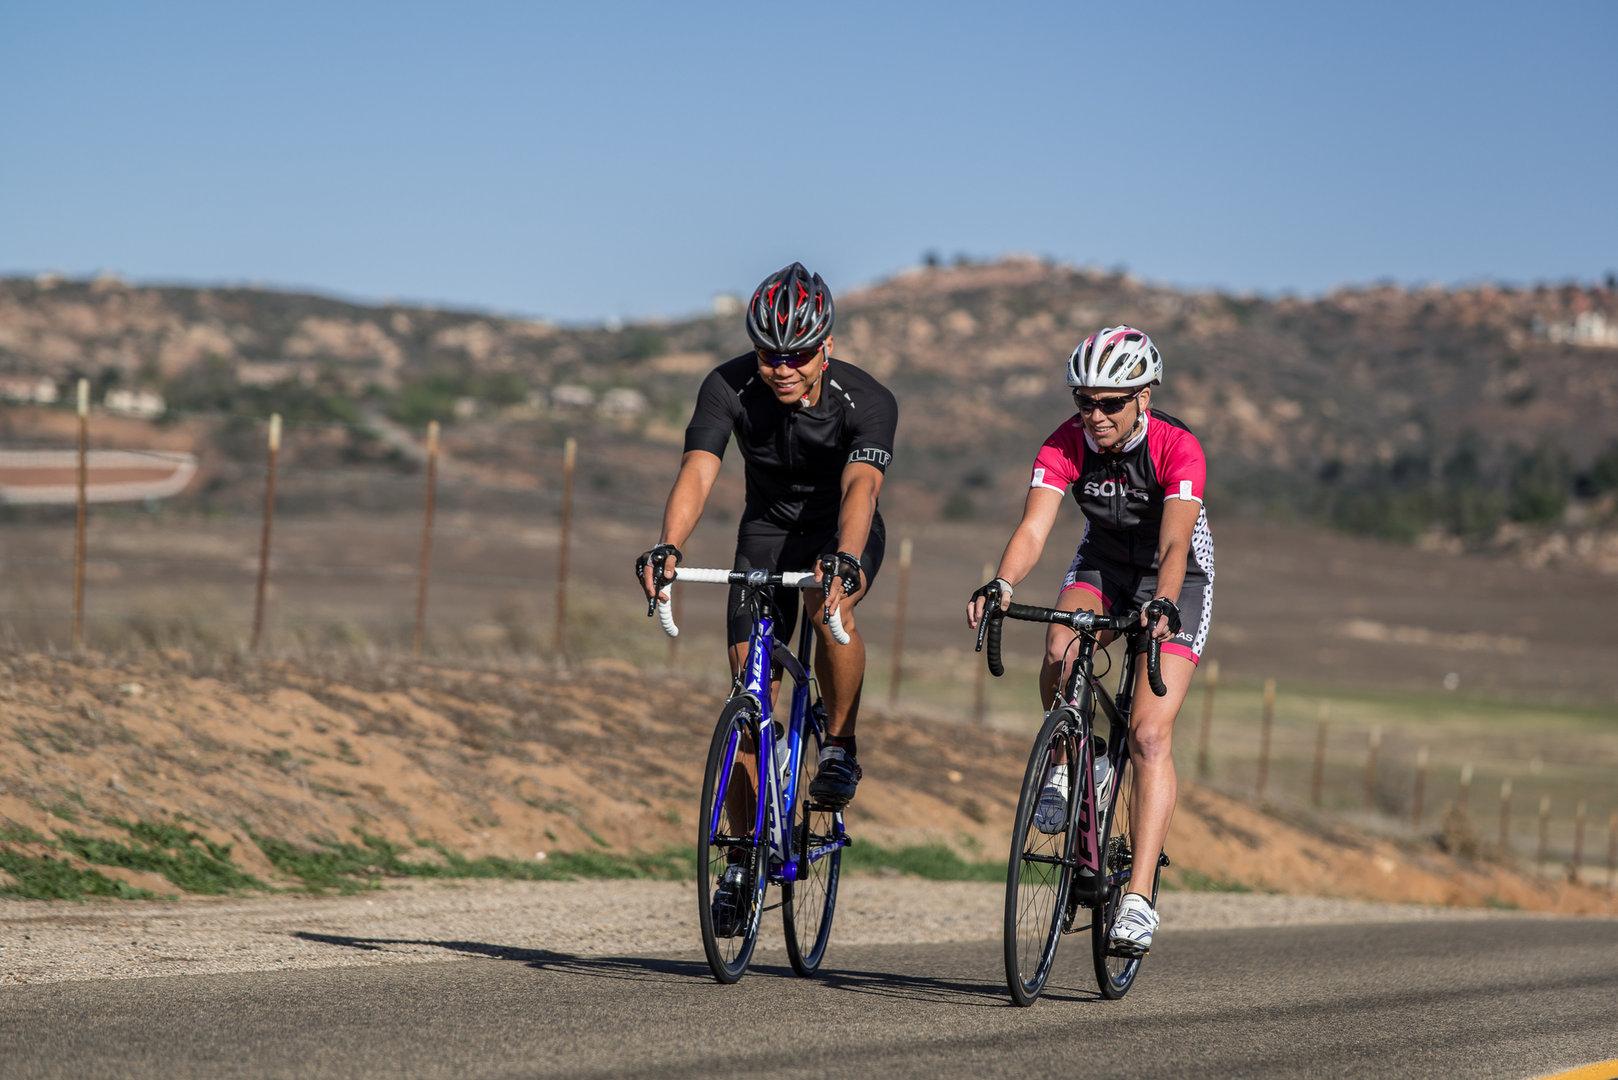 Fuji Jari 2 5 Cyclocross Bike 2018 Online Preiswert